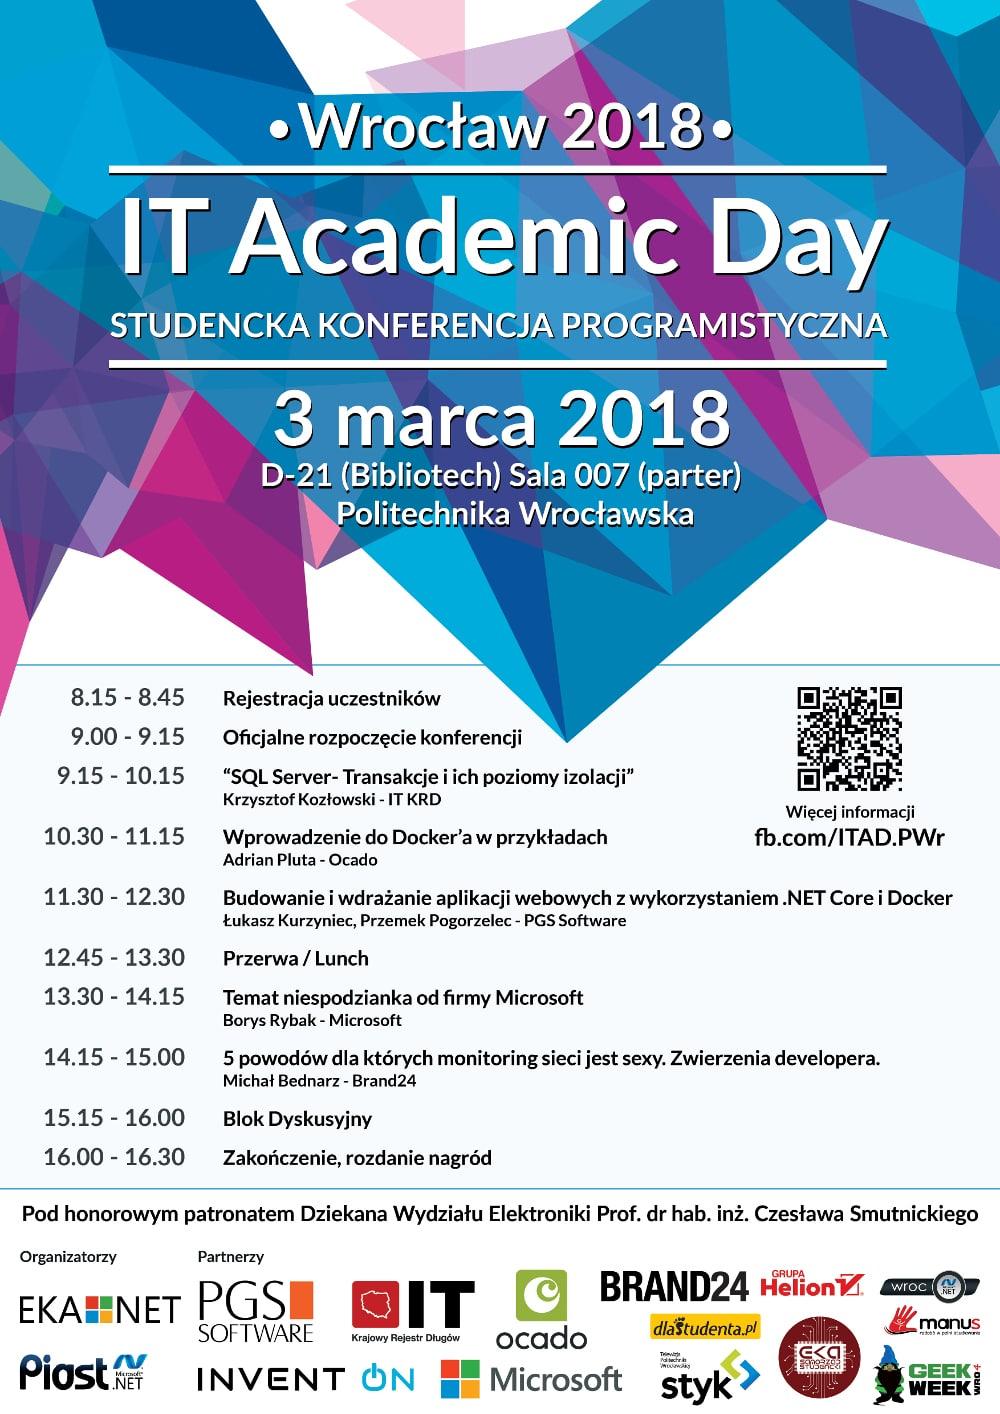 Konferencja odbędzie się 3 marca 2018 roku.